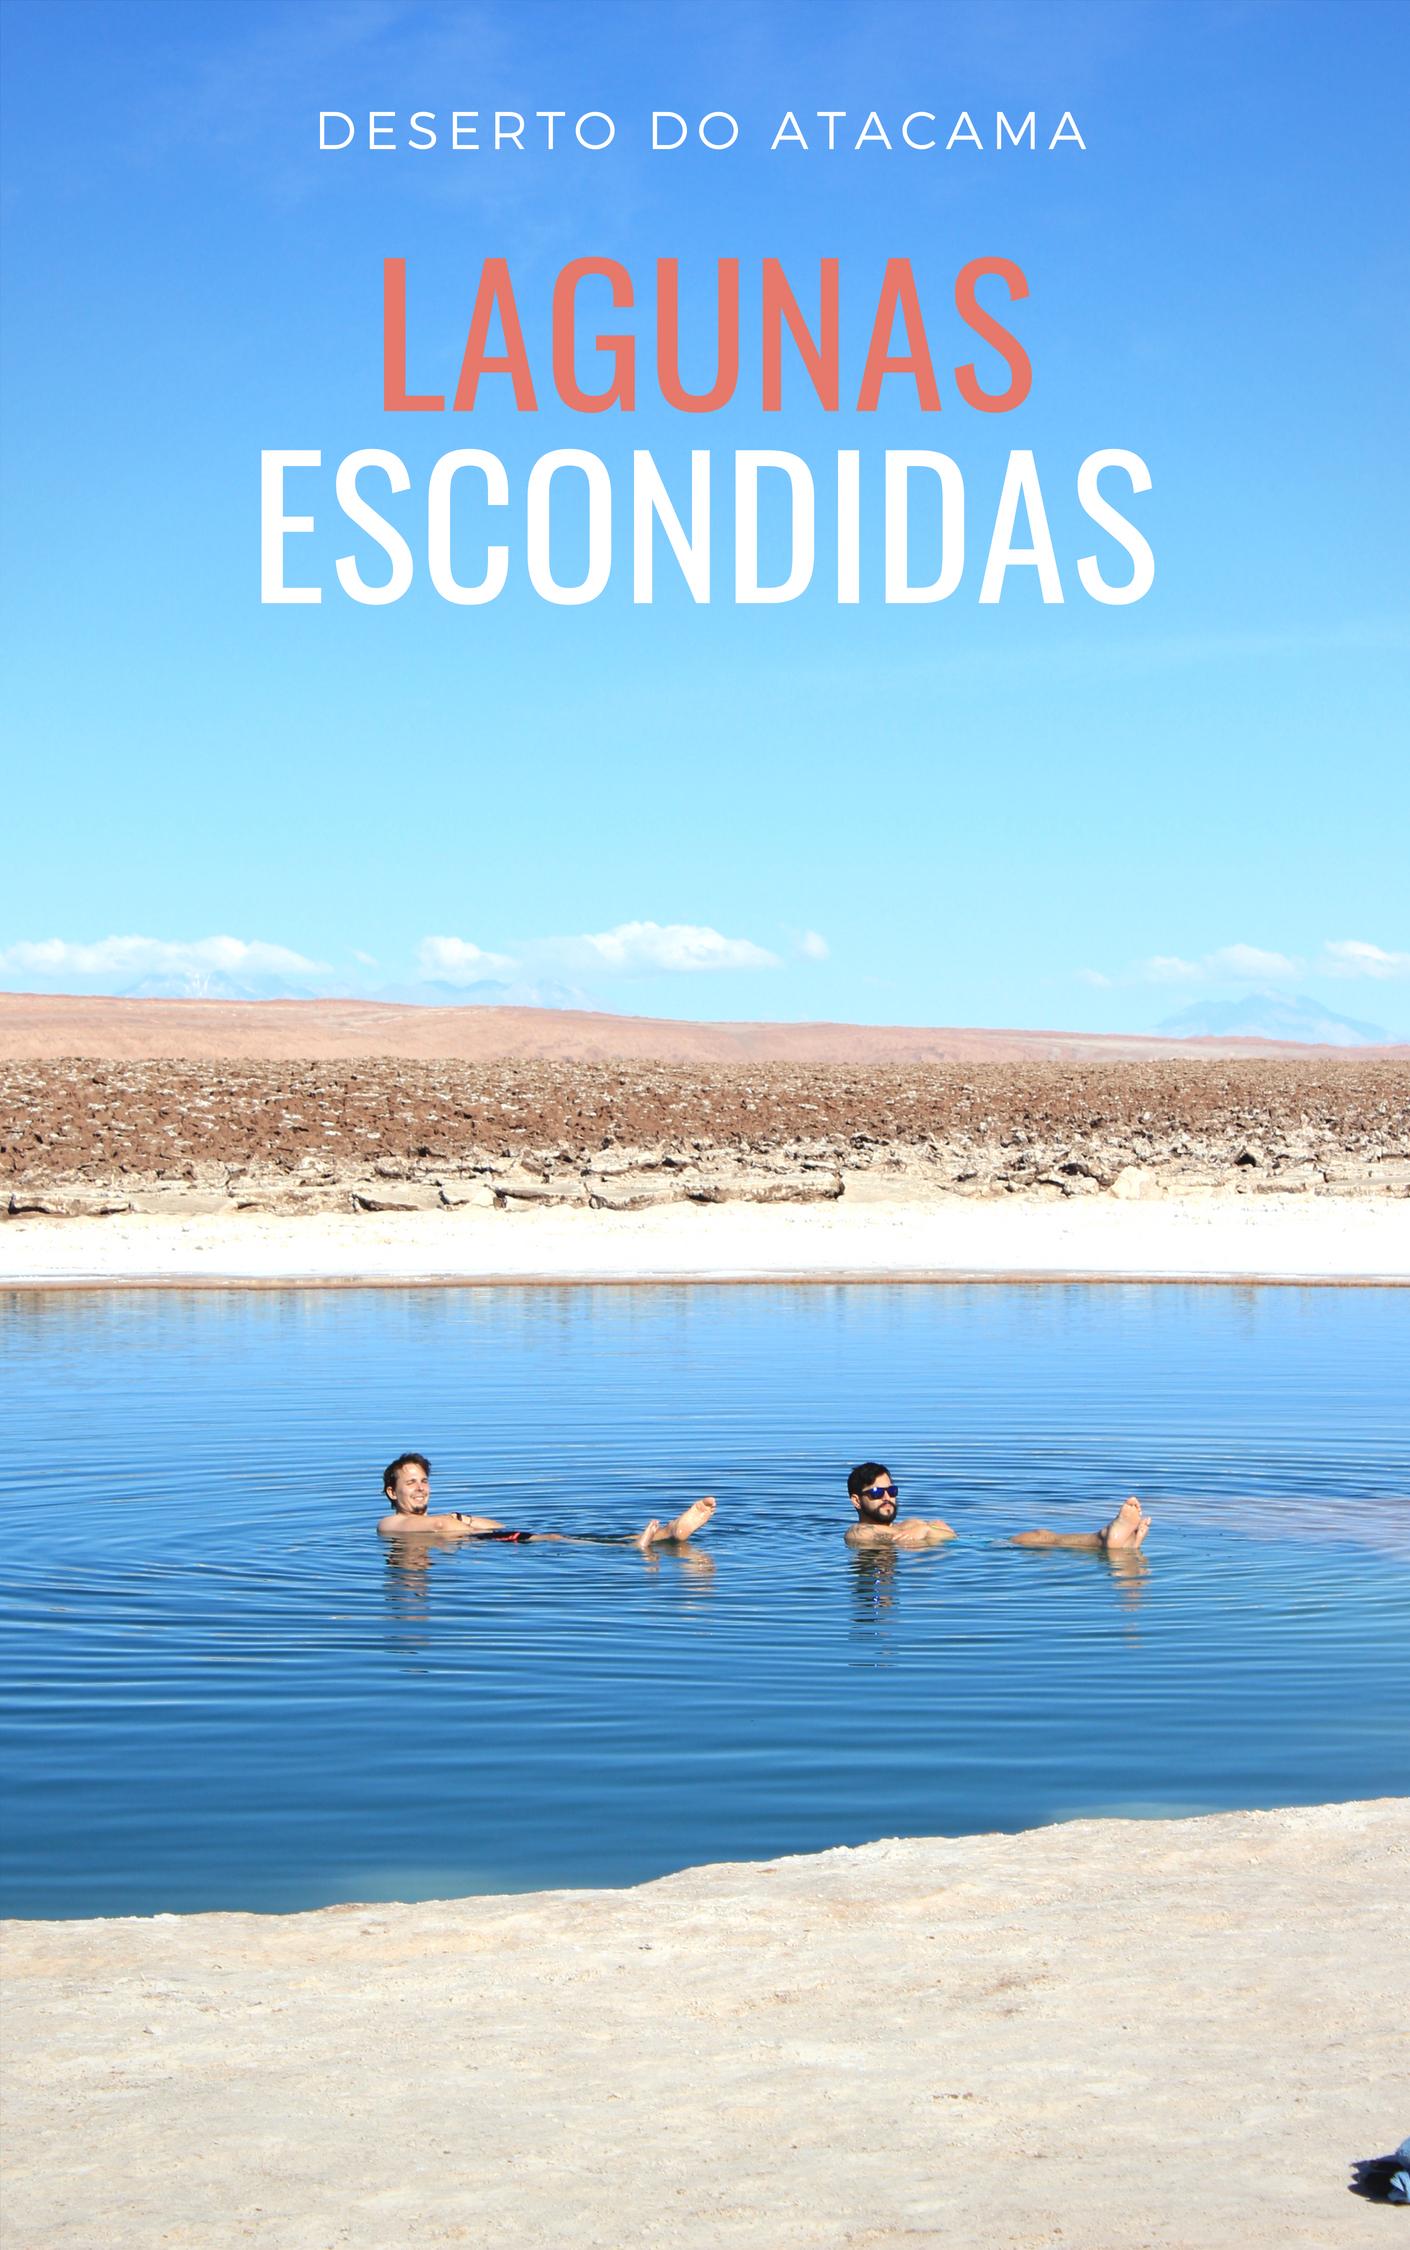 Lagunas Escondidas de Baltinache, um dos tours no Atacama para quem busca paisagens surreais e uma experiência incrível de boiar em água salgada